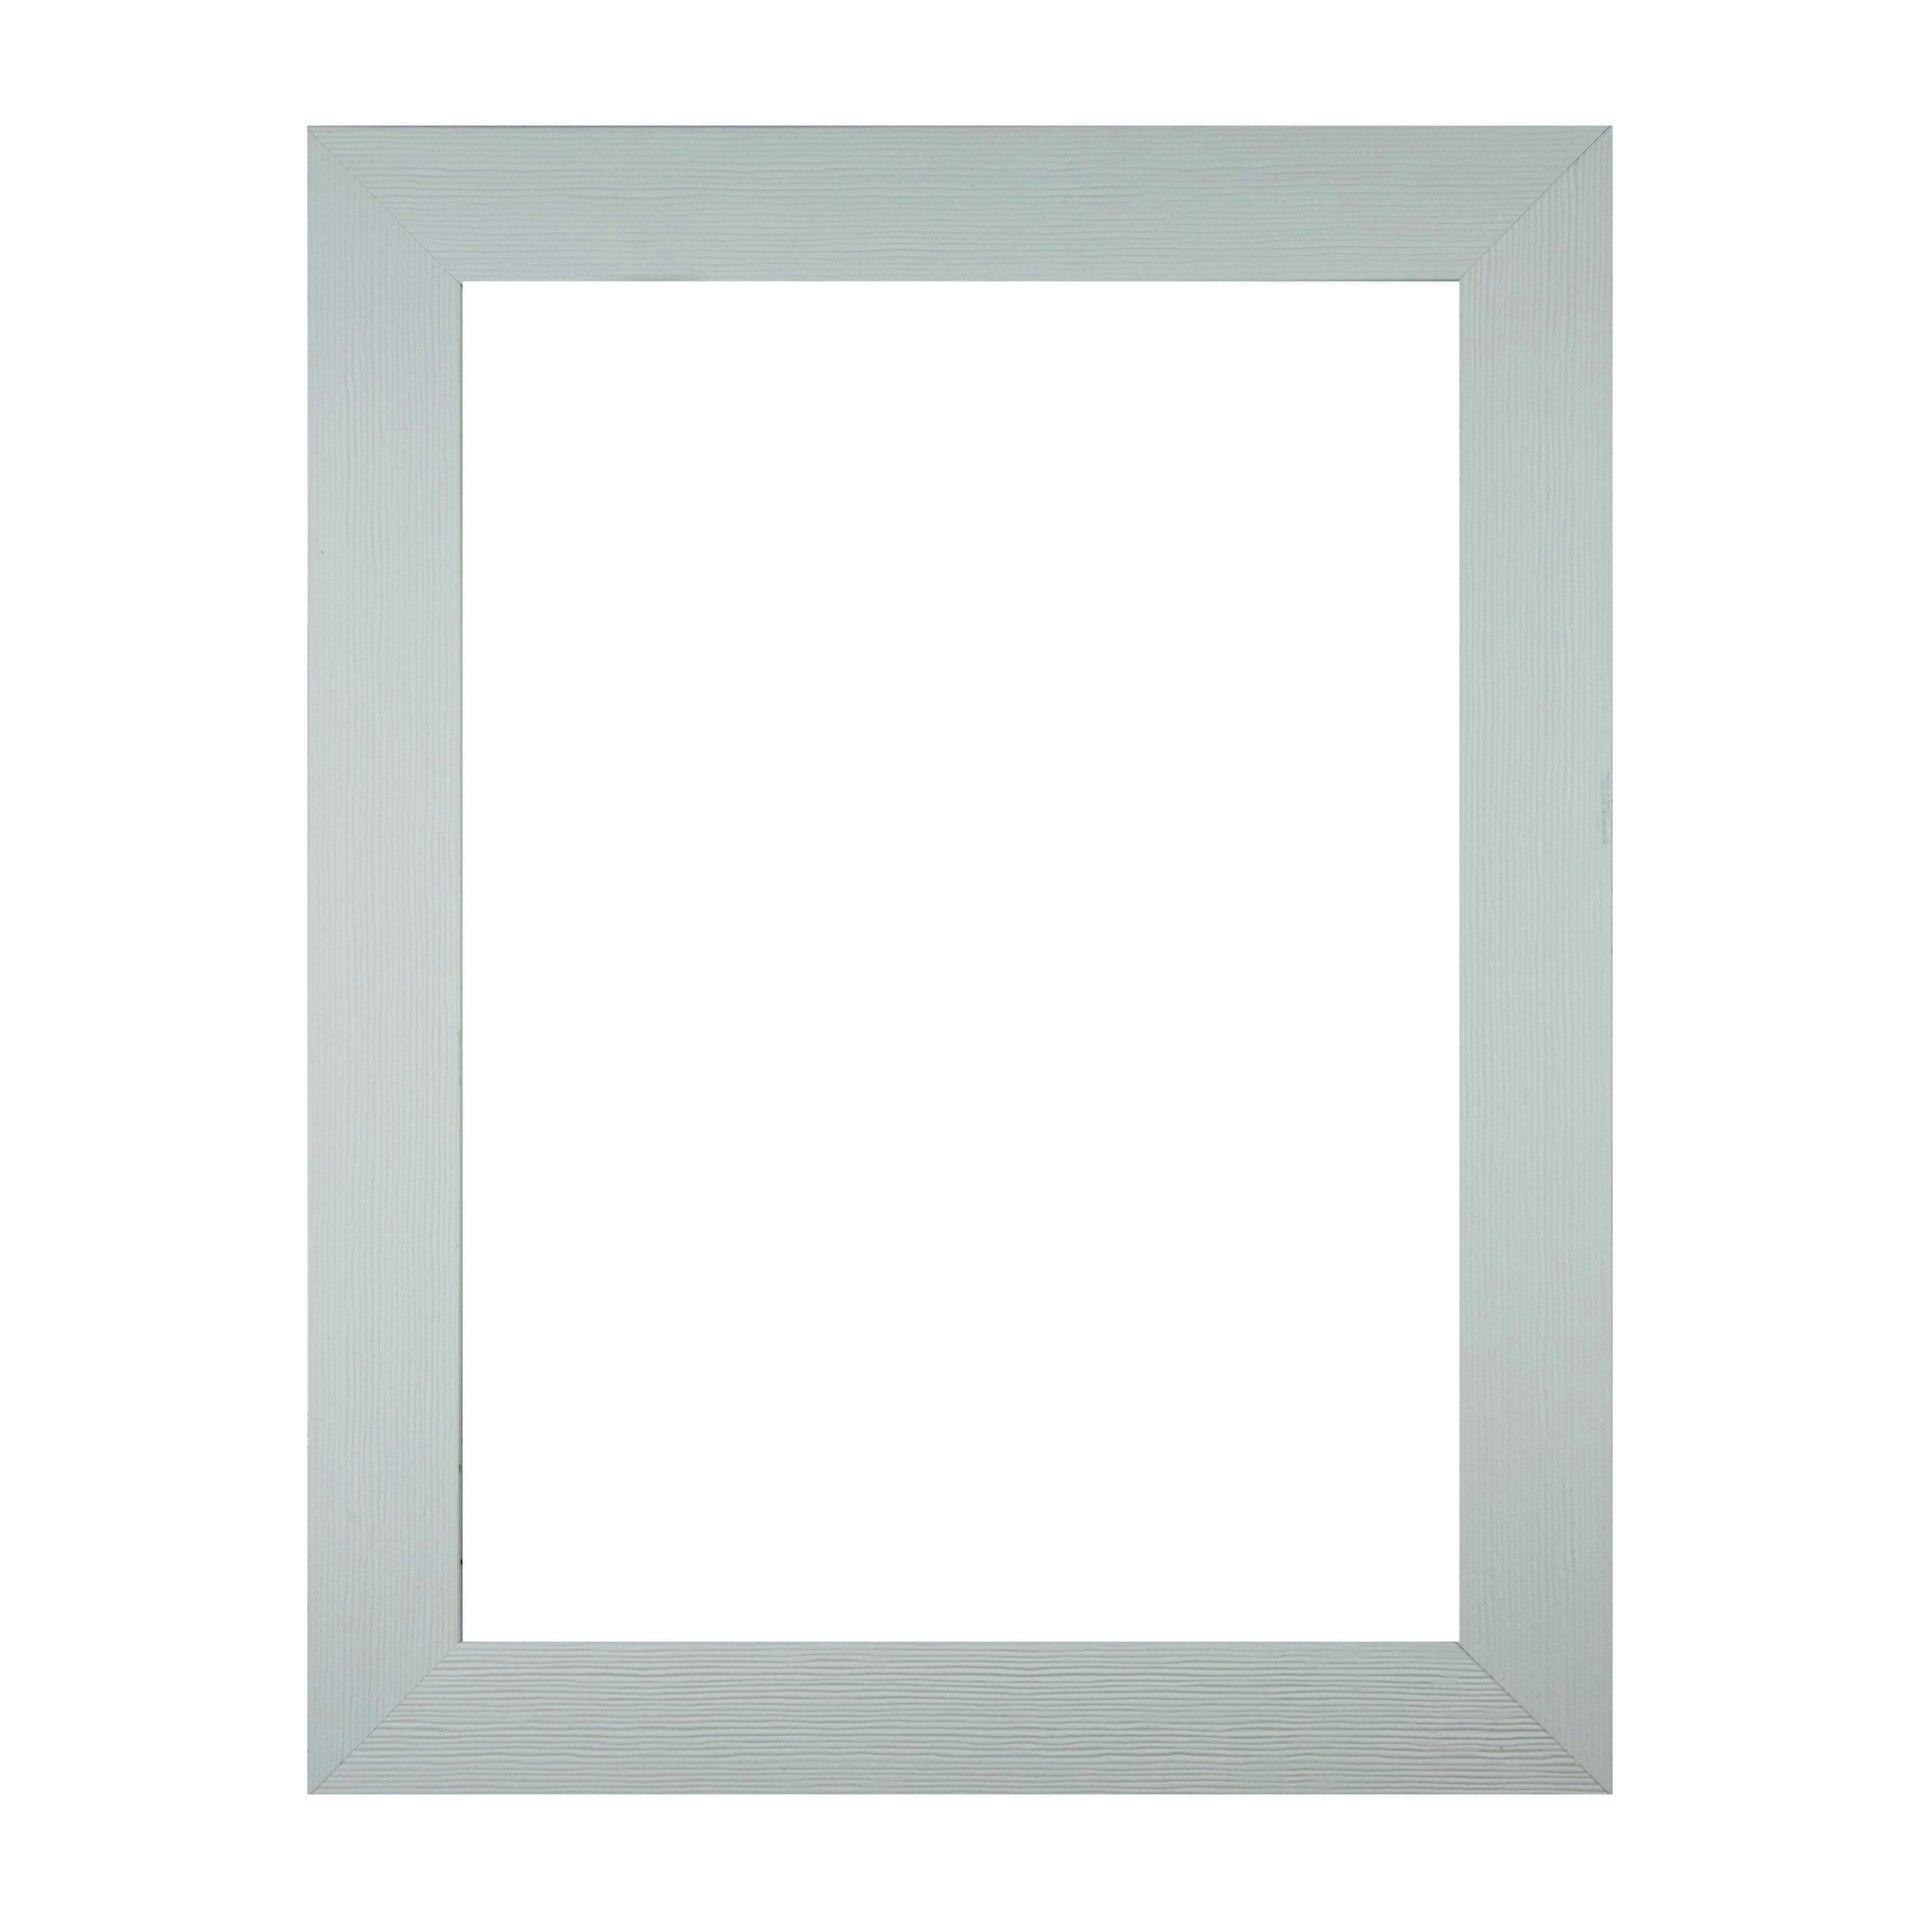 Cornice INSPIRE Mia bianco per foto da 30x40 cm - 1